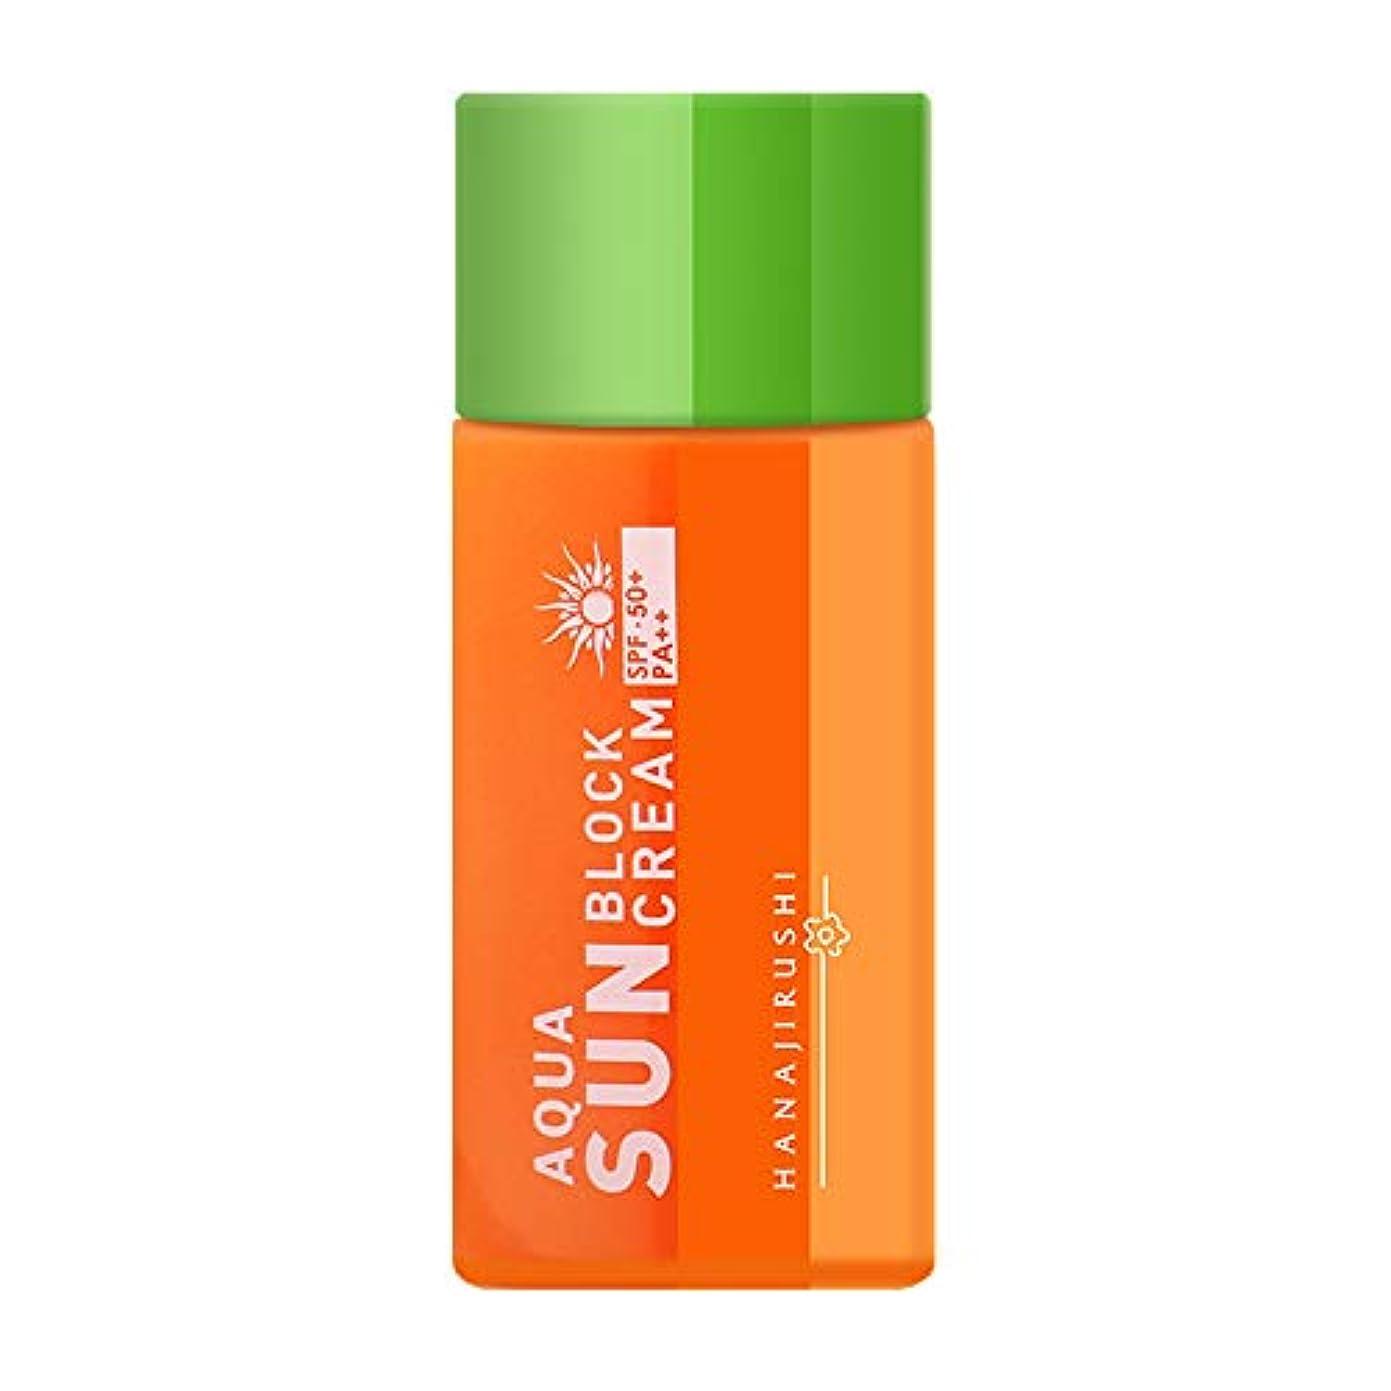 花印 高い紫外線対策 シミ?ソバカス防ぎ 戸外活動用 日焼け止め アクア サンブロッククリーム SPF50+ PA++ 60ml